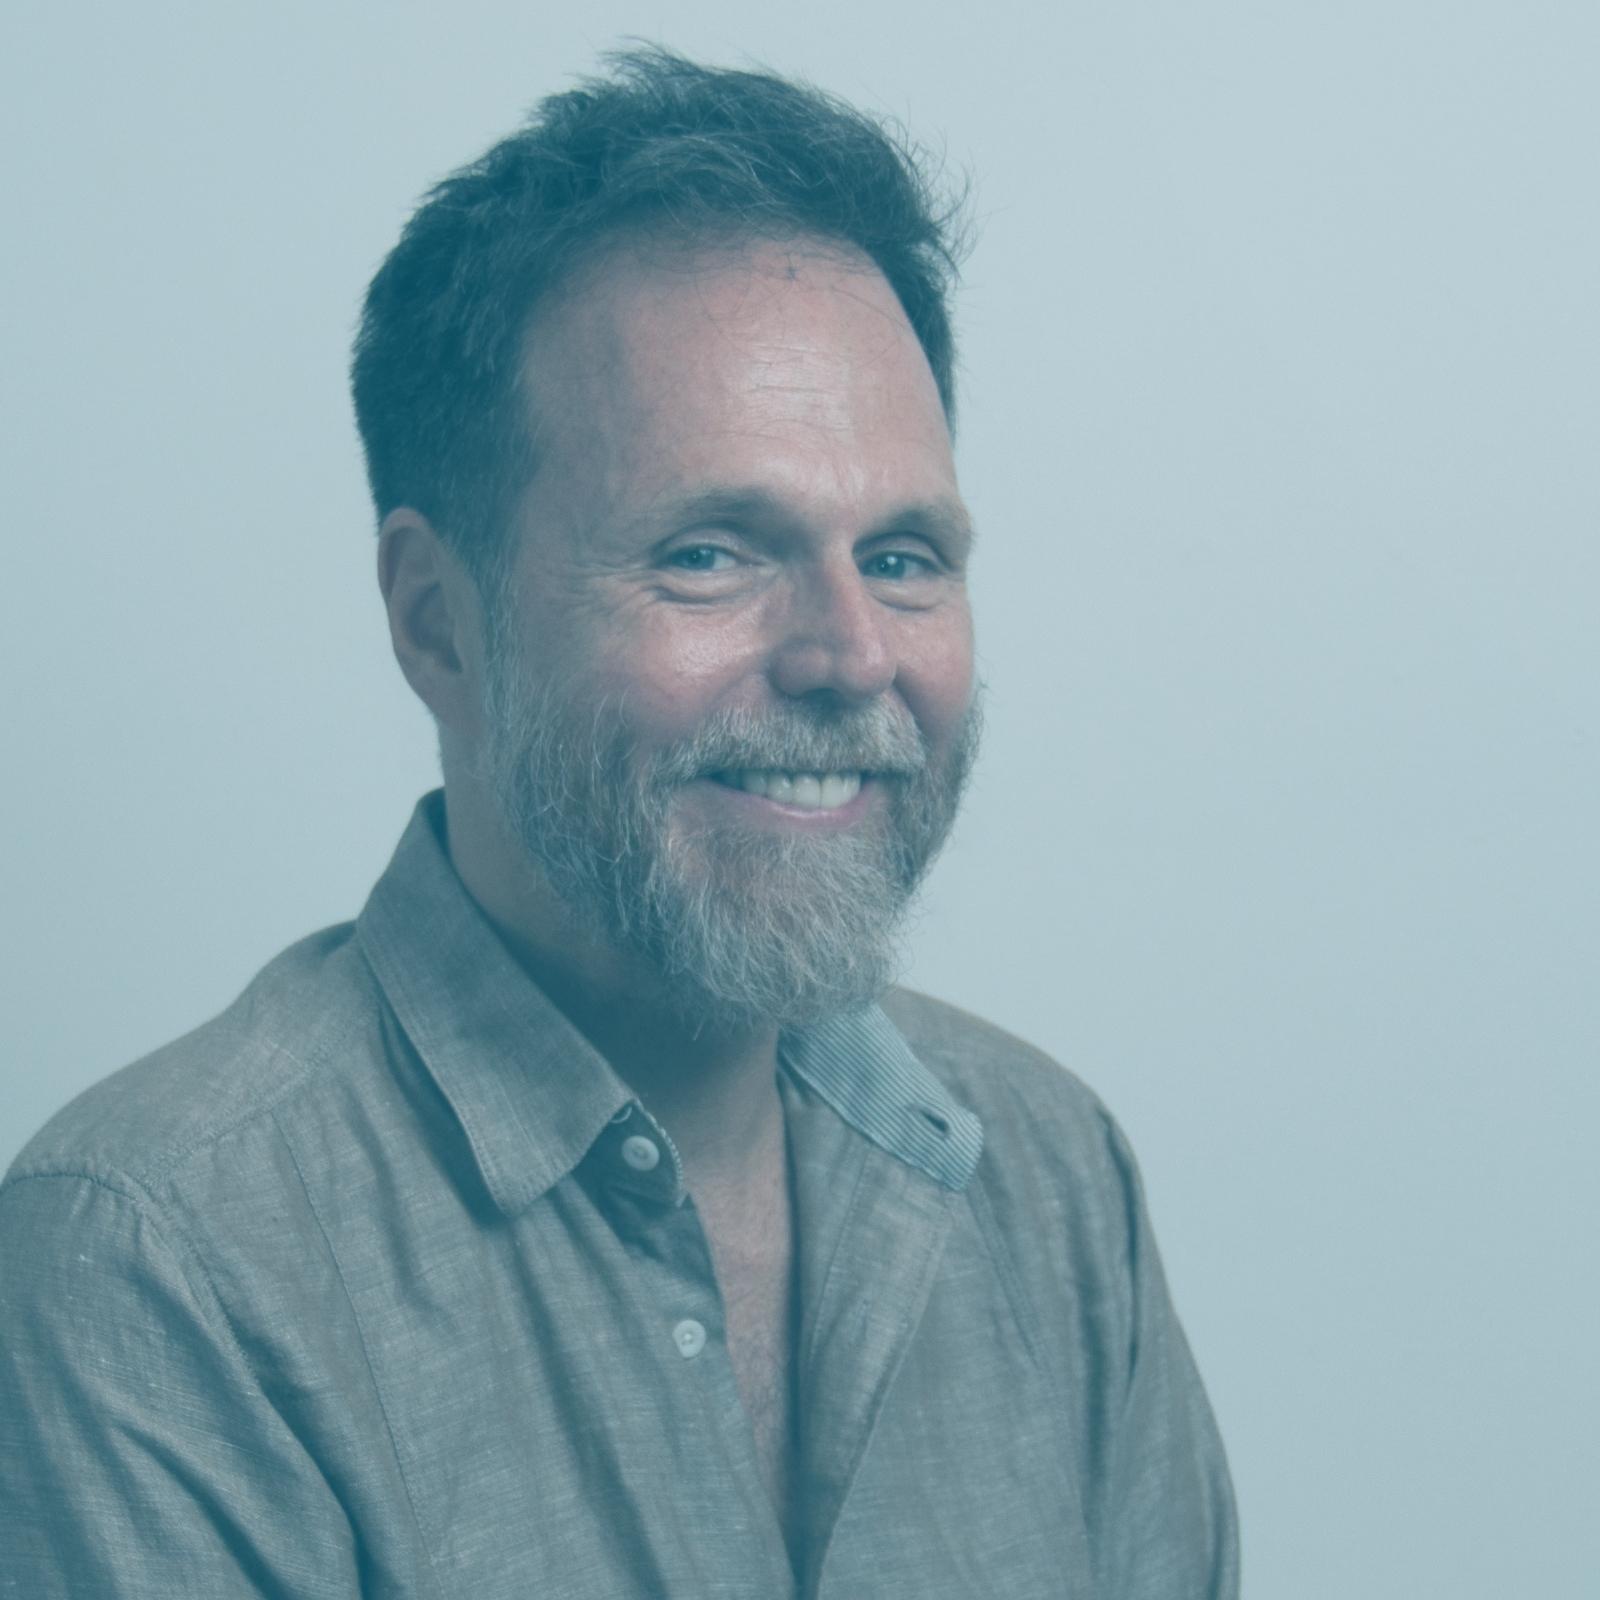 // PAUL LAMARRE   _  STRATÉGIE ET MARKETING  Le branding et le marketing numérique agile dérivée de processus éprouvés. Co-fondateur d'Umanco.